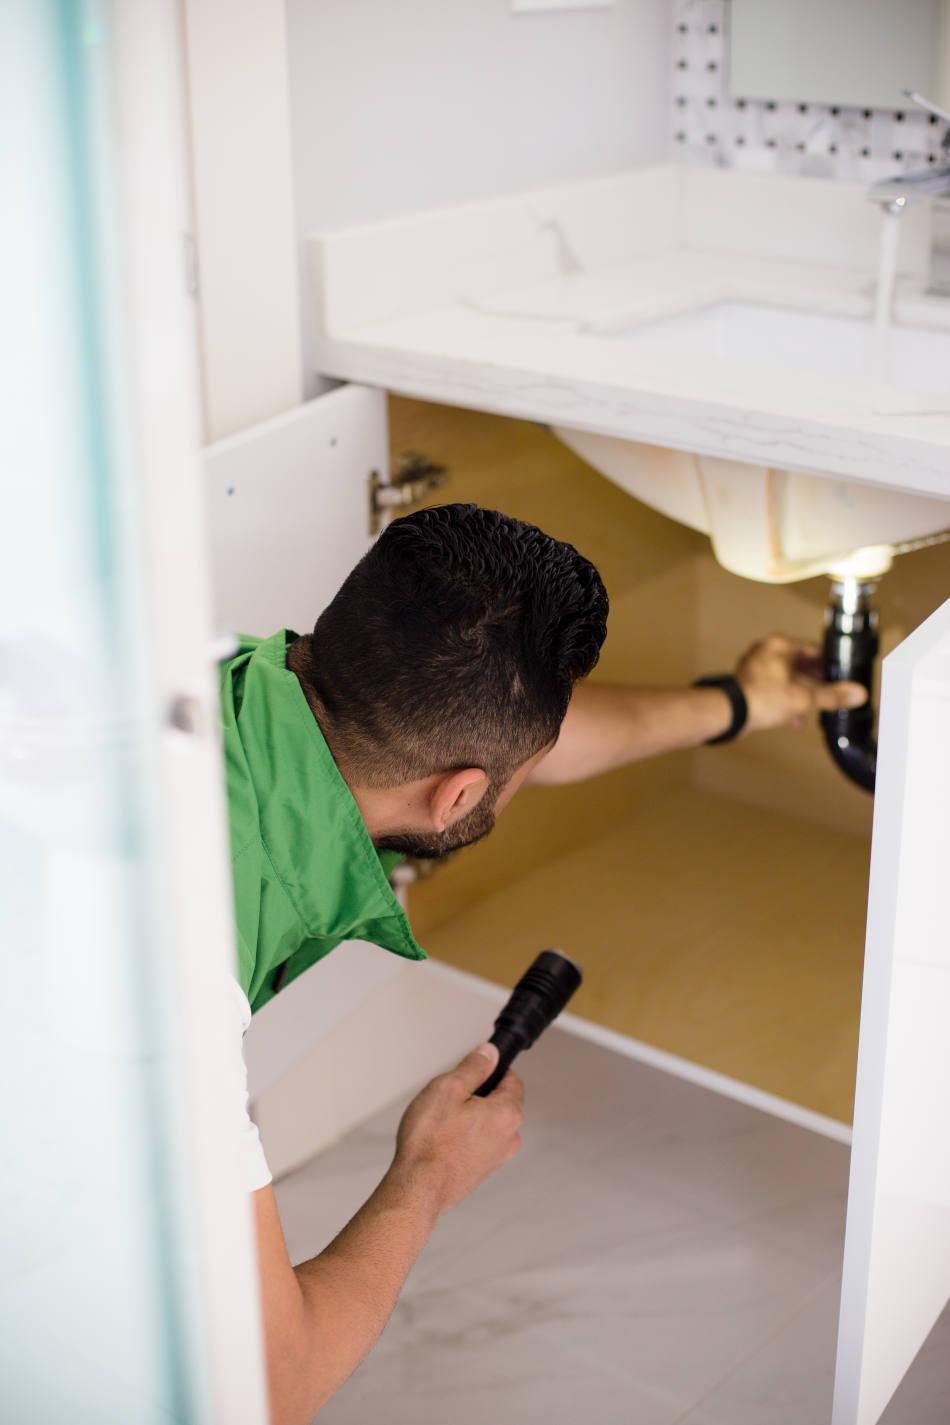 Checking plumbing